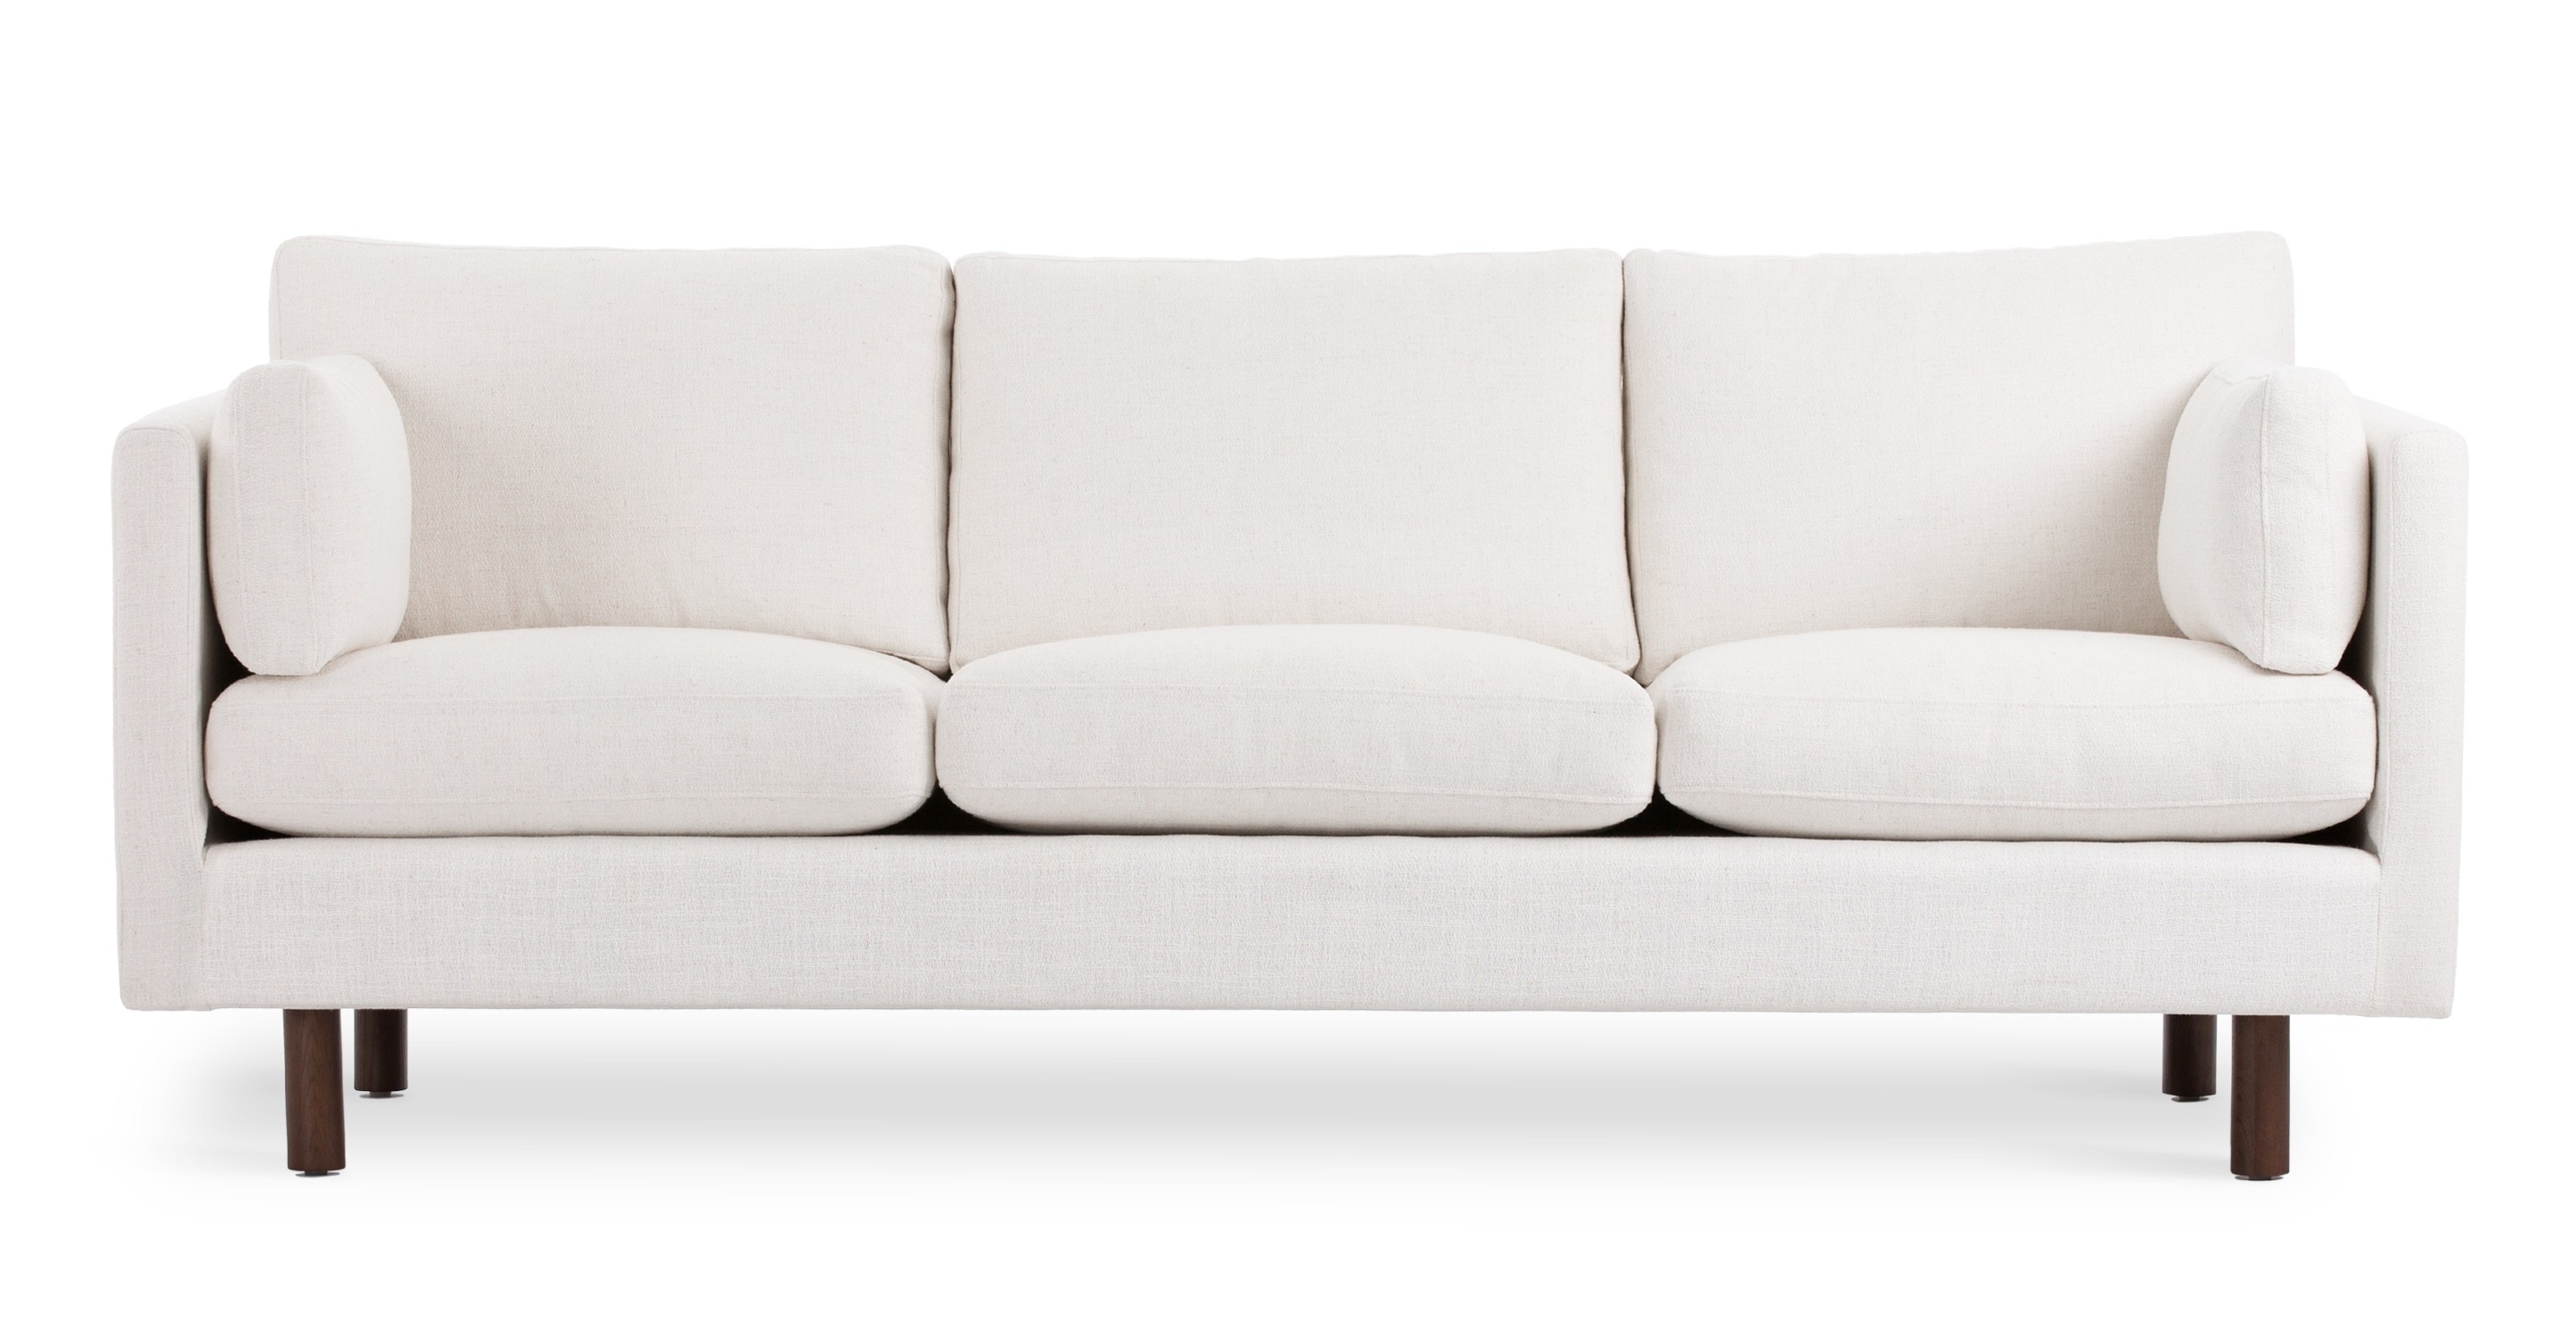 Popular White Modern Sofas With Regard To Unique White Sofas 32 In Modern Sofa Inspiration With White Sofas (View 14 of 20)